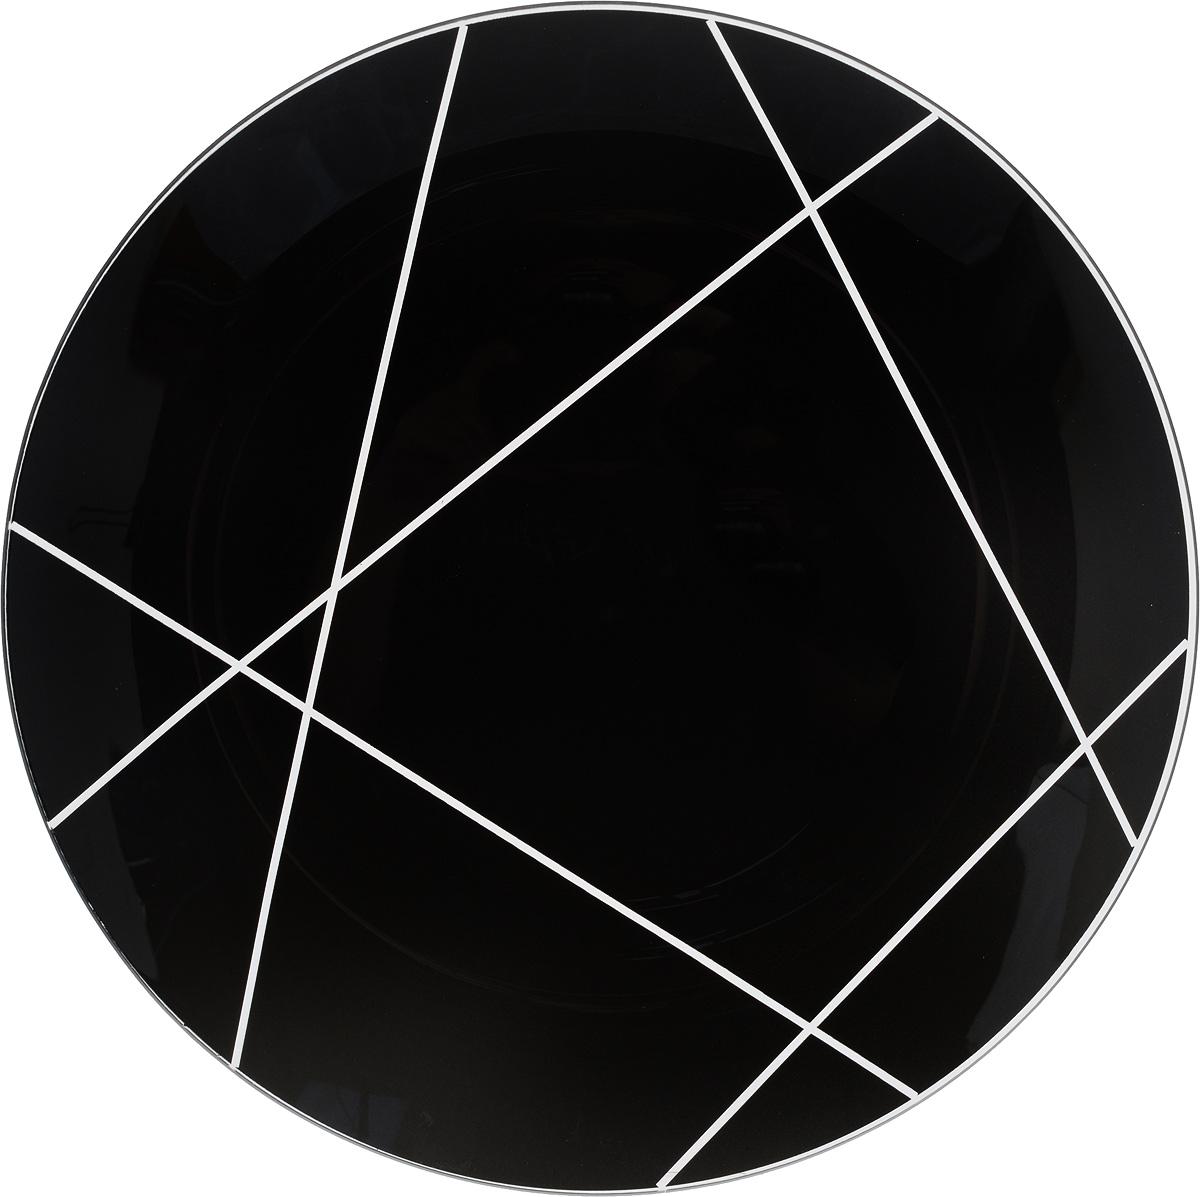 Тарелка NiNaGlass Контур, цвет: черный, диаметр 30 см54 009312Тарелка NiNaGlass Контур выполнена из высококачественного стекла и оформлена красивым прозрачным геометрическим принтом. Тарелка идеальна для подачи вторых блюд, а также сервировки закусок, нарезок, салатов, овощей и фруктов. Она отлично подойдет как для повседневных, так и для торжественных случаев.Такая тарелка прекрасно впишется в интерьер вашей кухни и станет достойным дополнением к кухонному инвентарю.